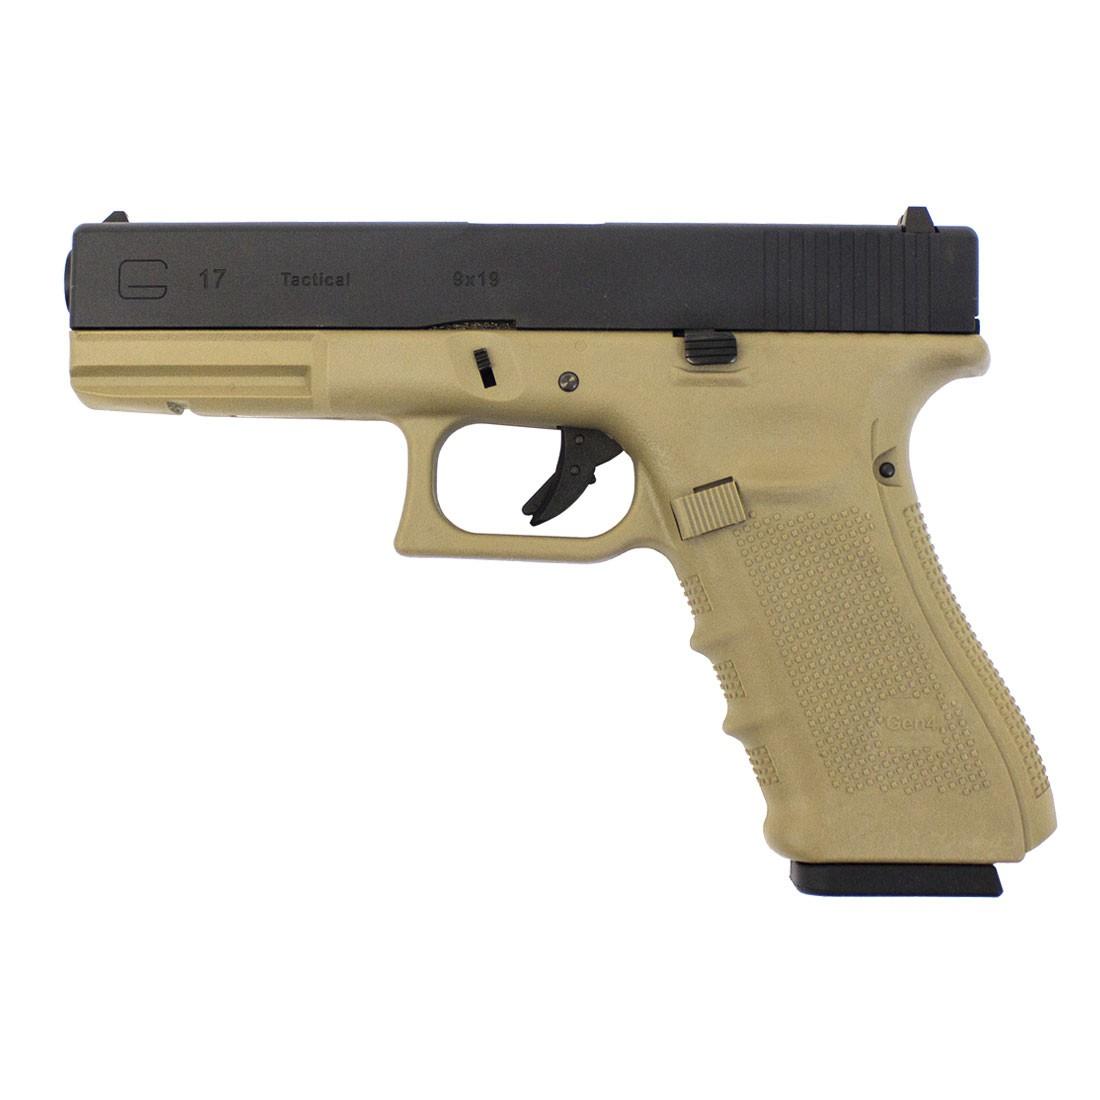 WE Glock 17 Gen 4 GBB Pistol (Tan)